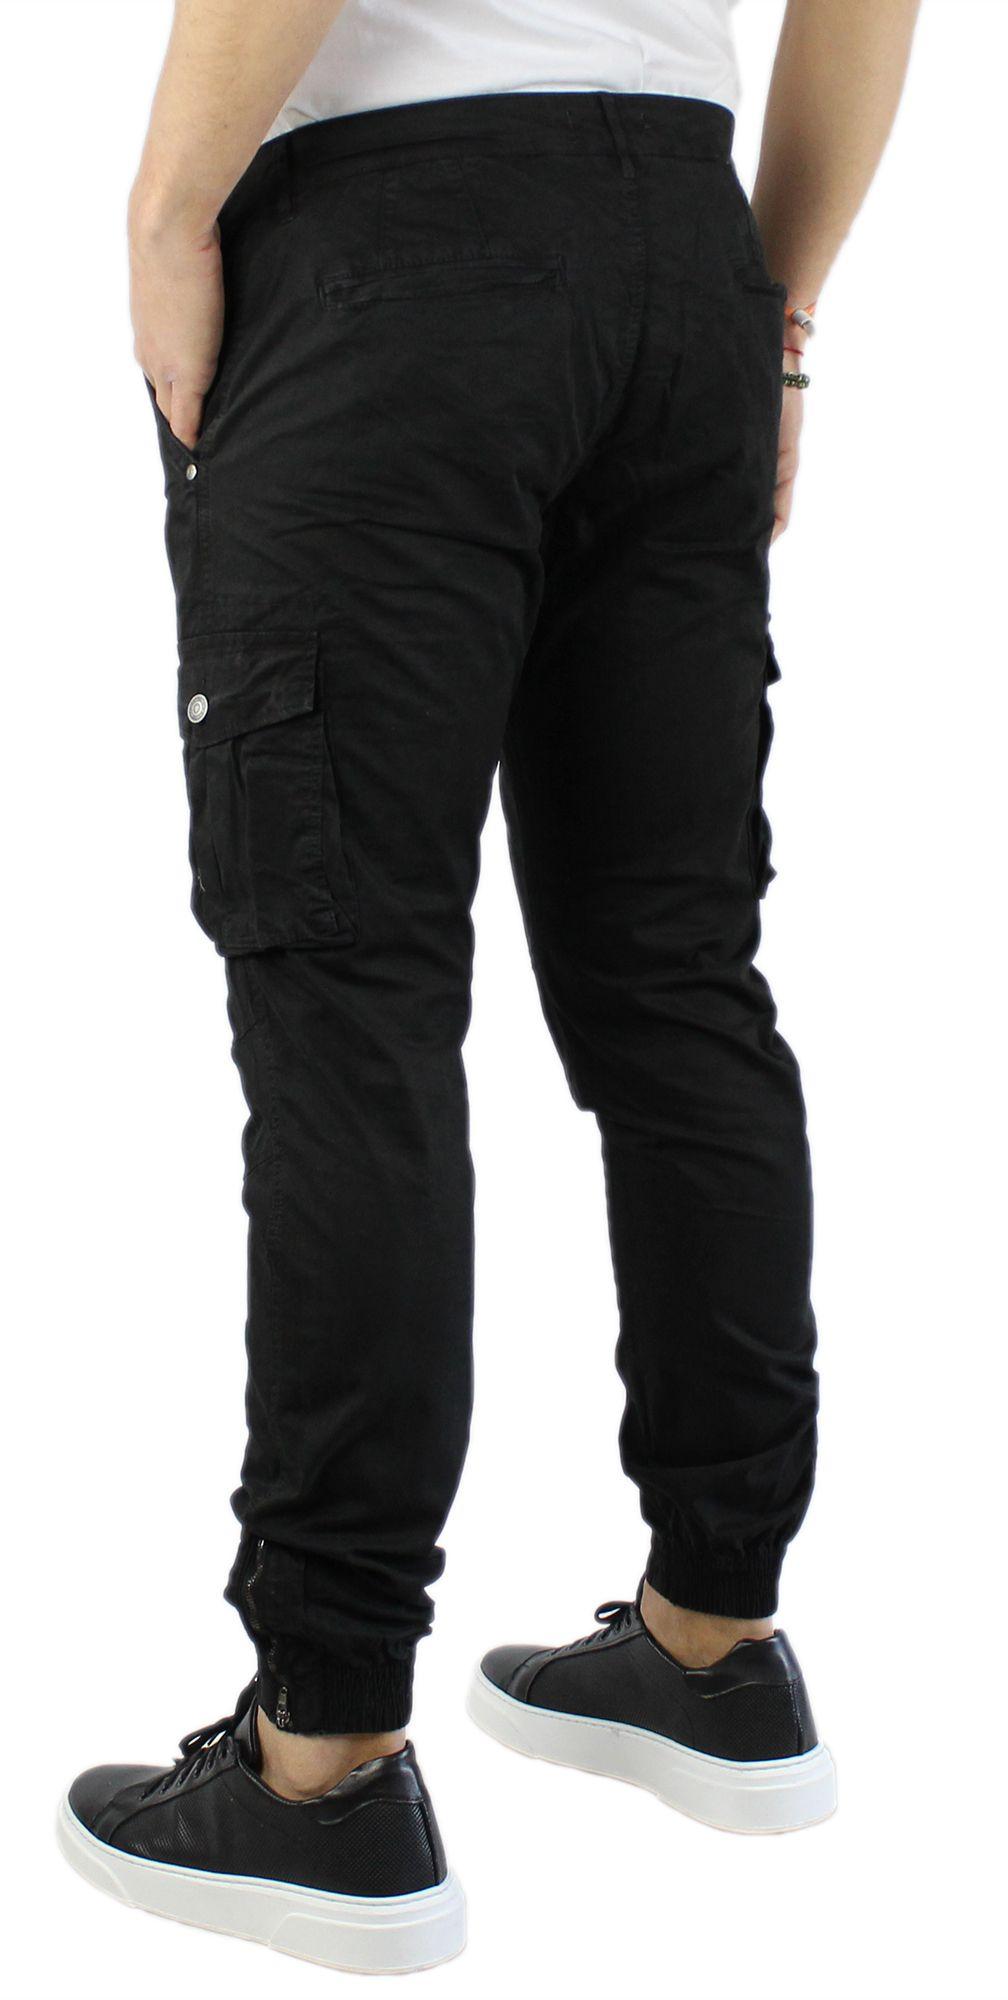 Pantaloni-Uomo-Cargo-in-Cotone-Pantalone-Tasconi-Laterali-Slim-Fit-Leggero miniatura 13